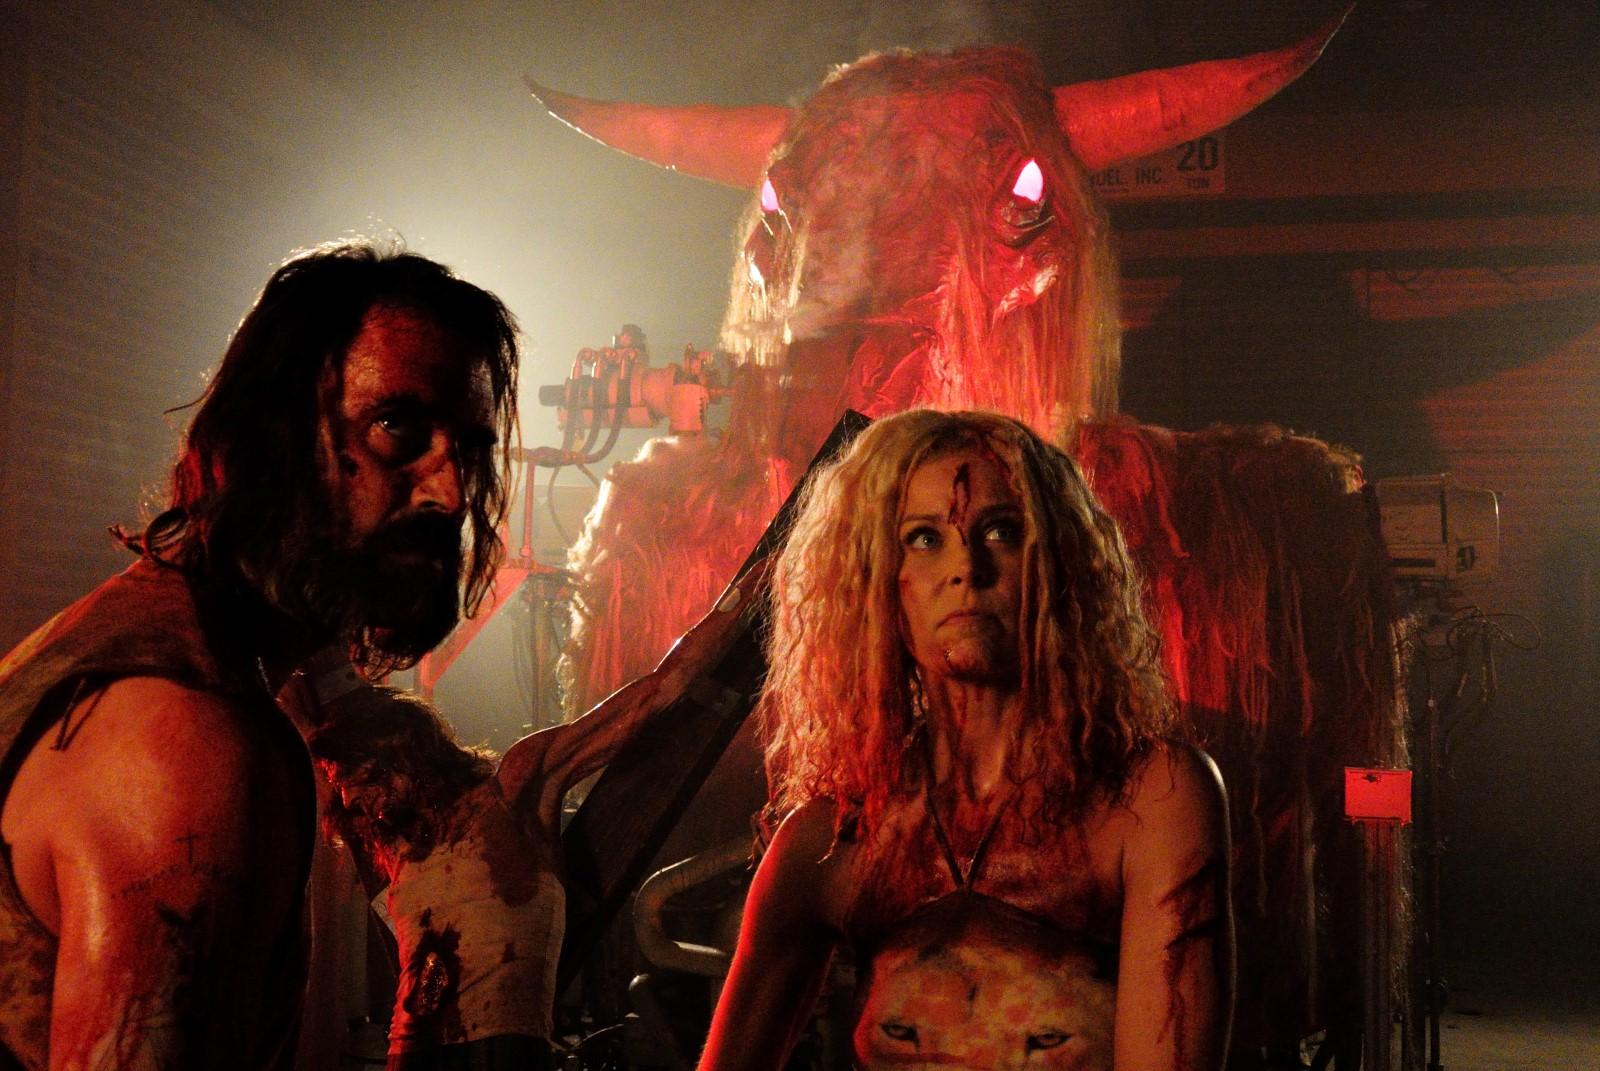 fotos de sheri moon zombie - sensacine